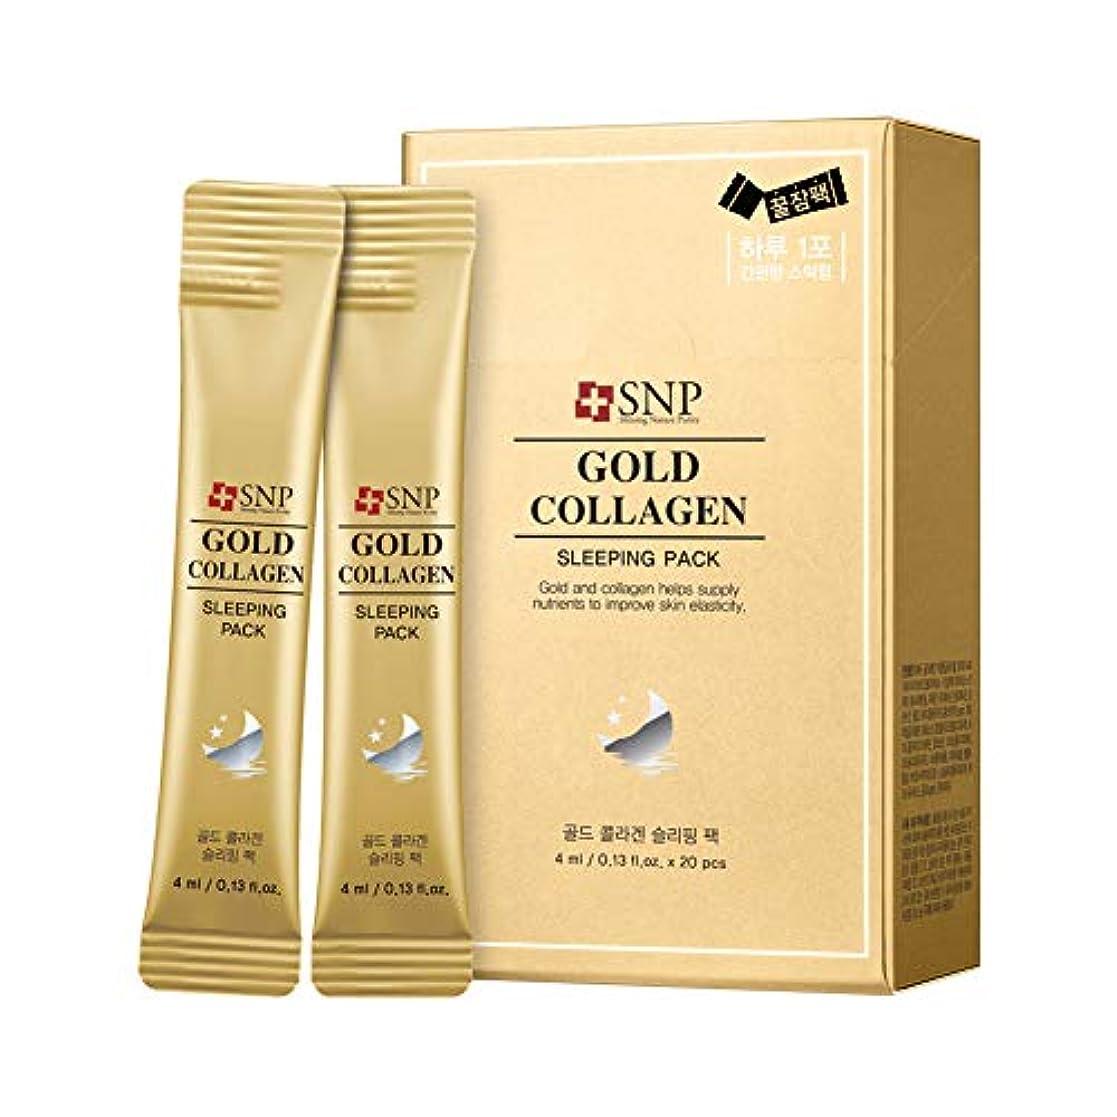 ガラスケープ交換可能SNP Gold Collagen Sleeping Pack 20x4ml/0.13oz並行輸入品